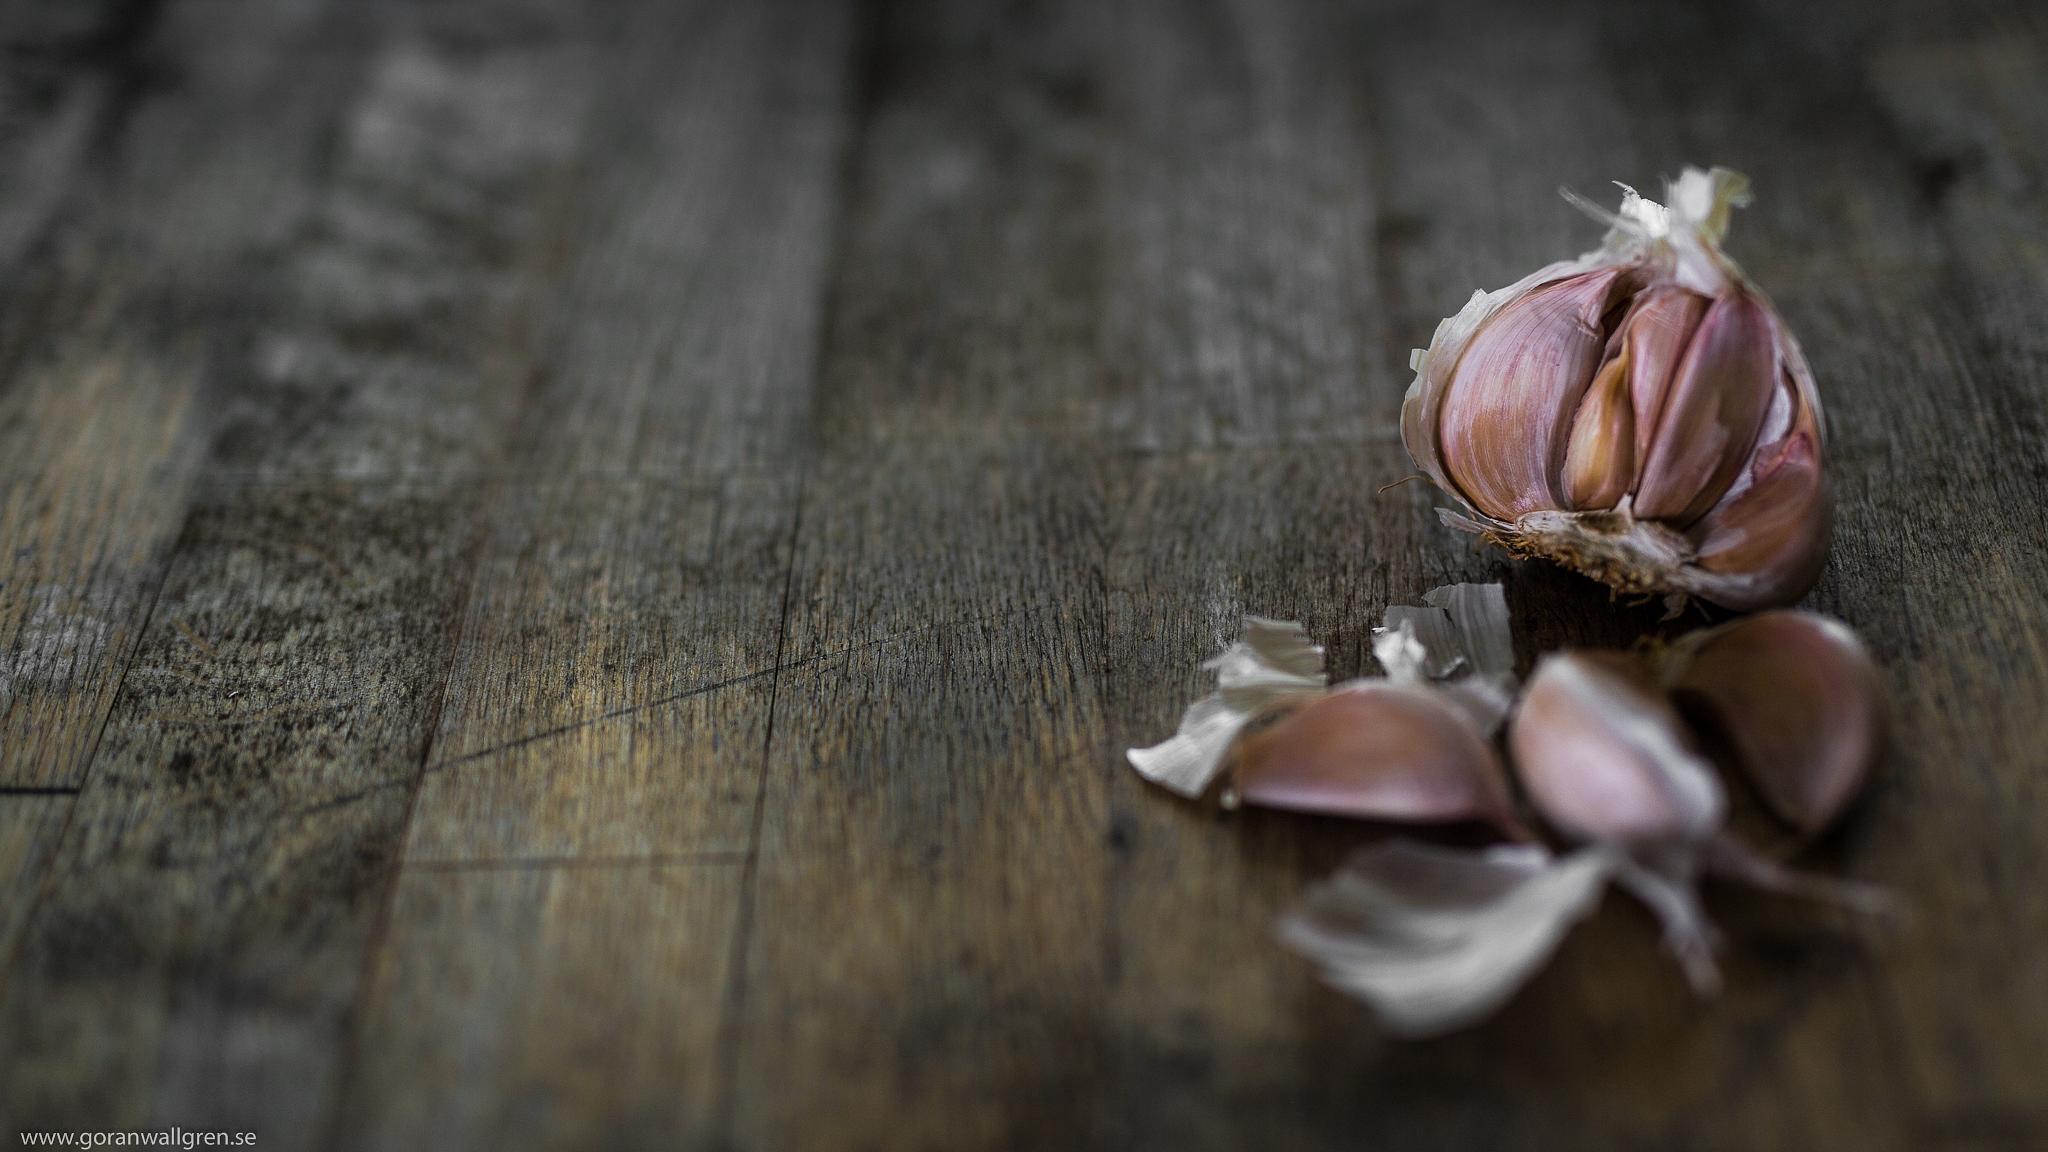 Garlic by Göran Wallgren